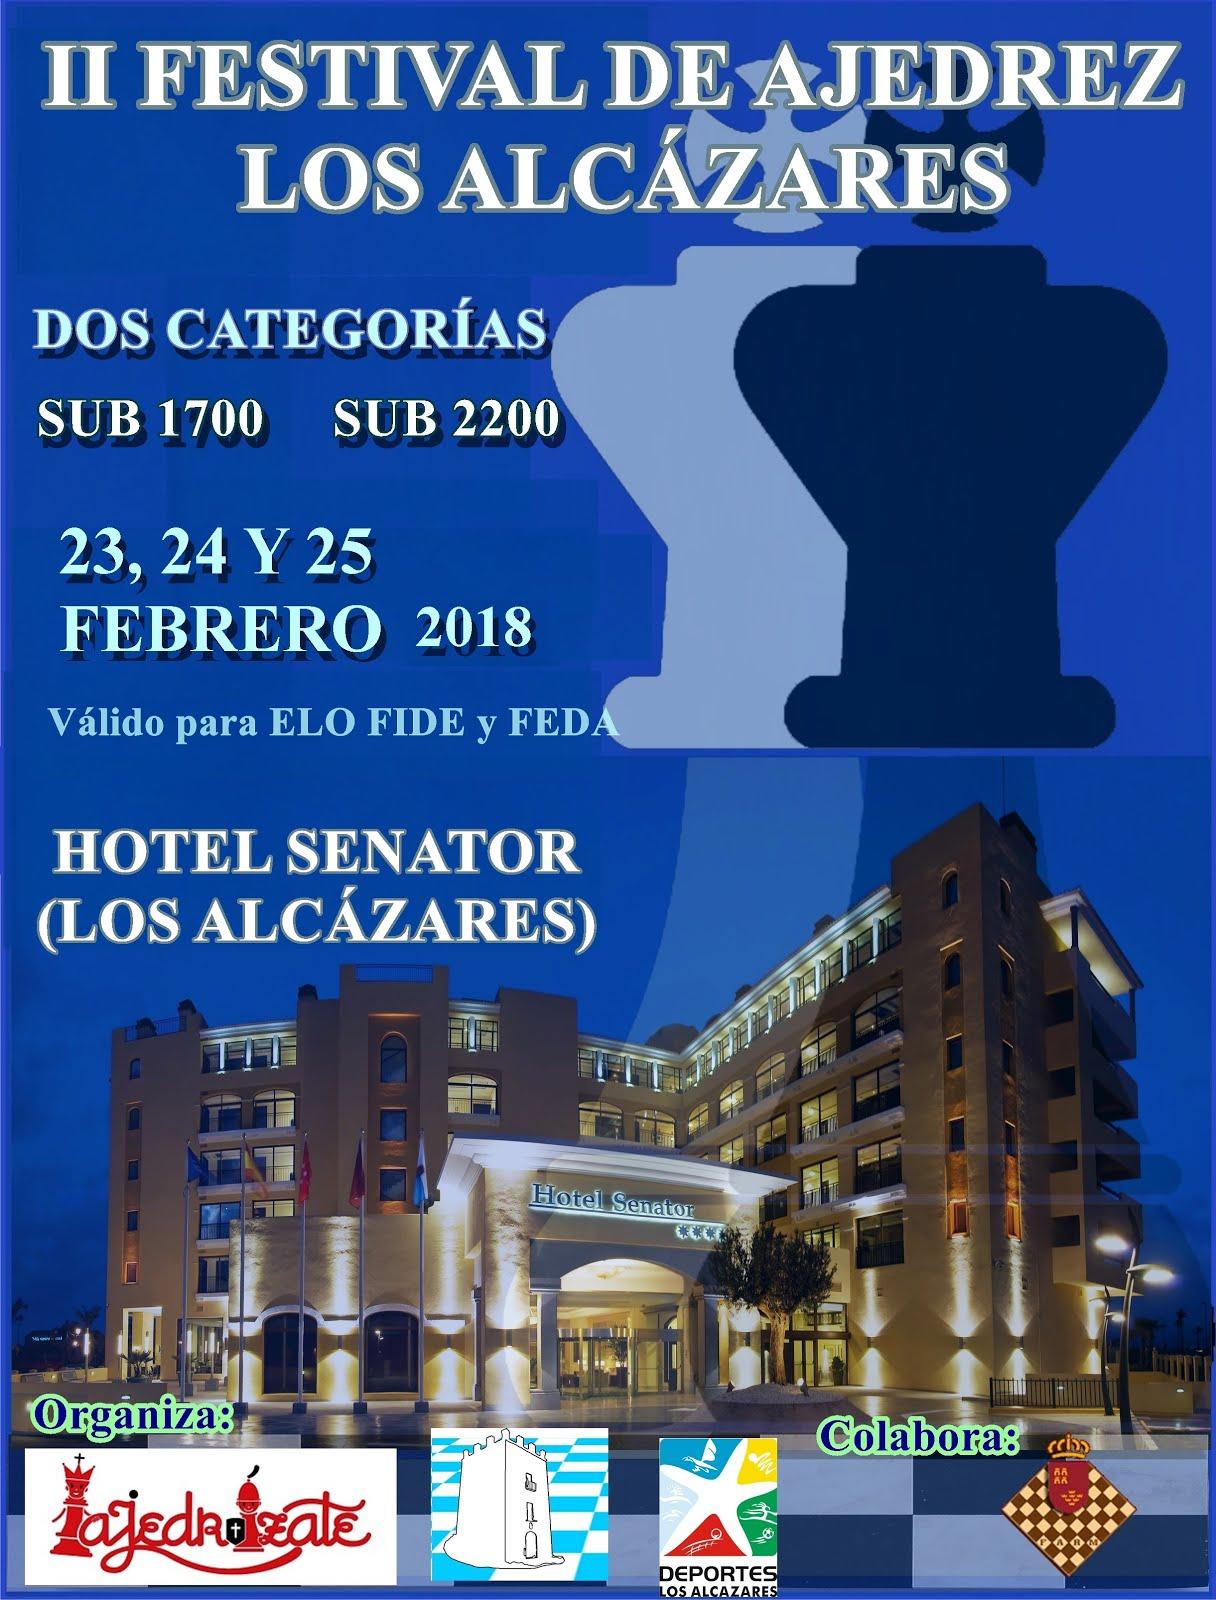 II Festival de Ajedrez Los Alcázares